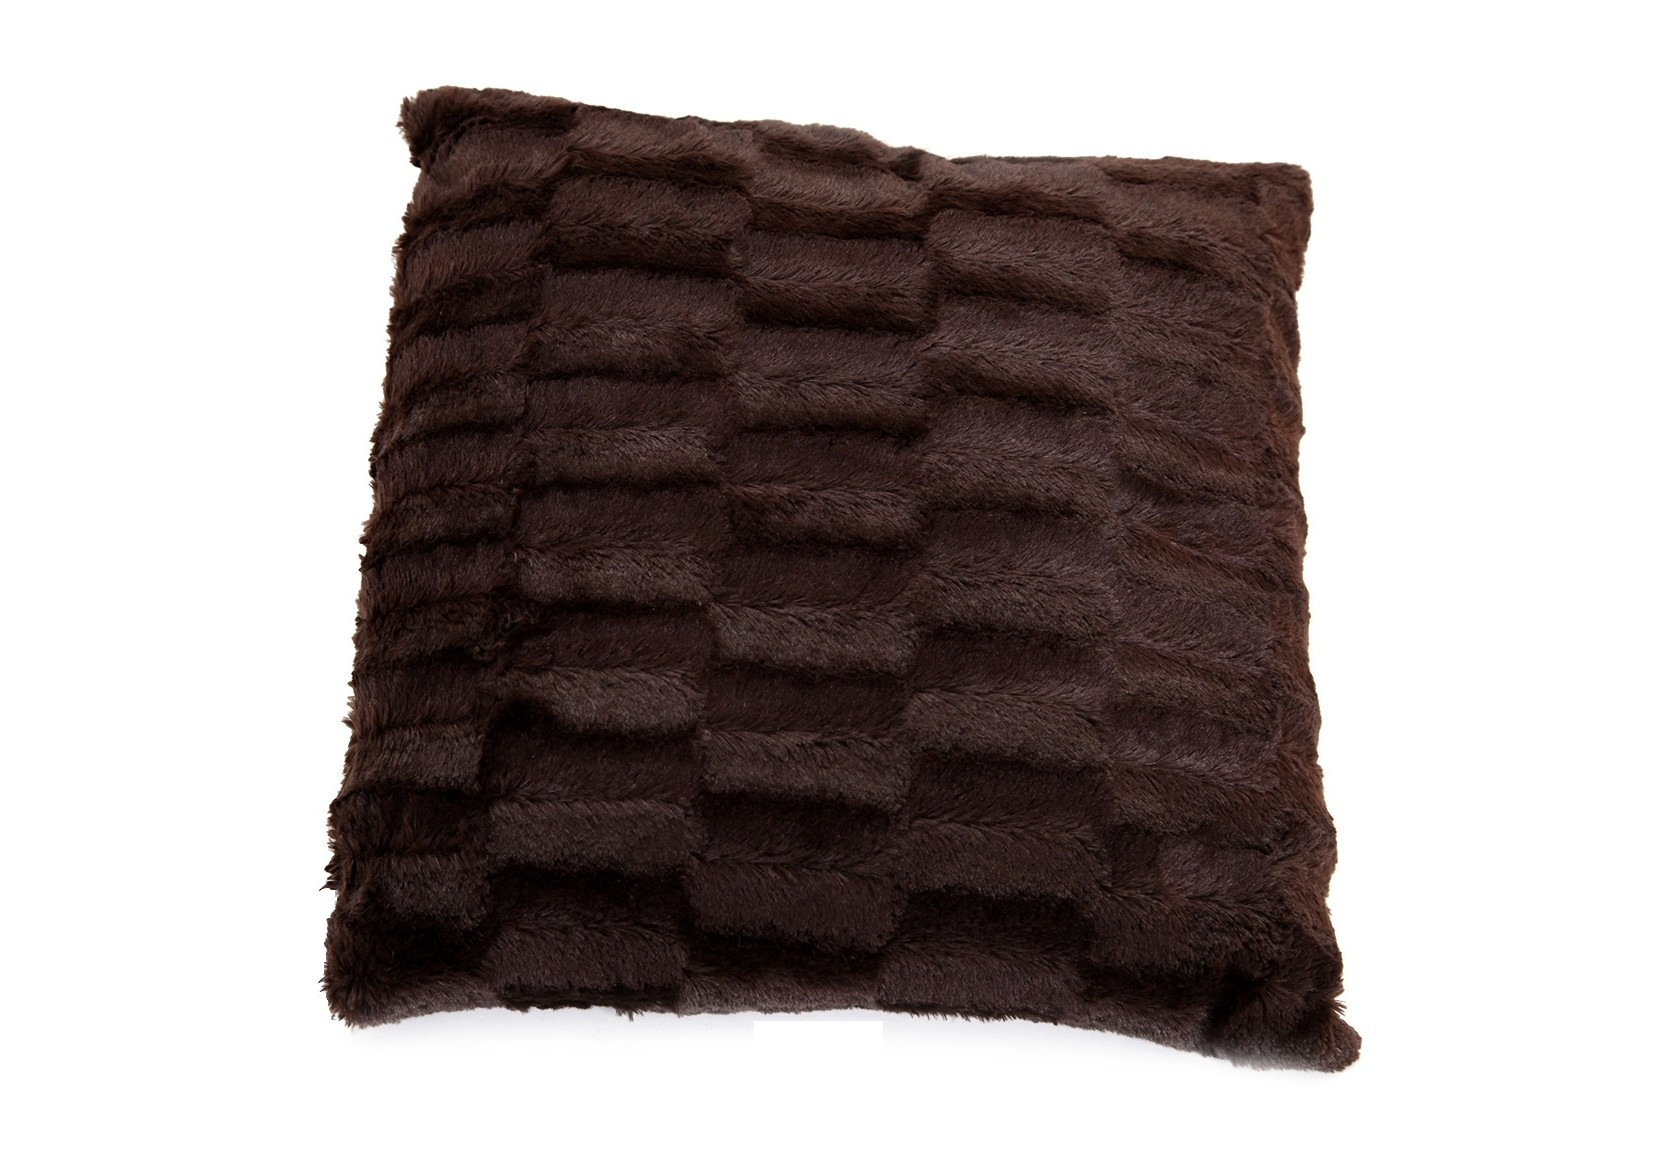 ПодушкаКвадратные подушки и наволочки<br>Материал: искусственная шерсть&amp;amp;nbsp;<br><br>Material: Шерсть<br>Length см: None<br>Width см: 45<br>Depth см: 1<br>Height см: 45